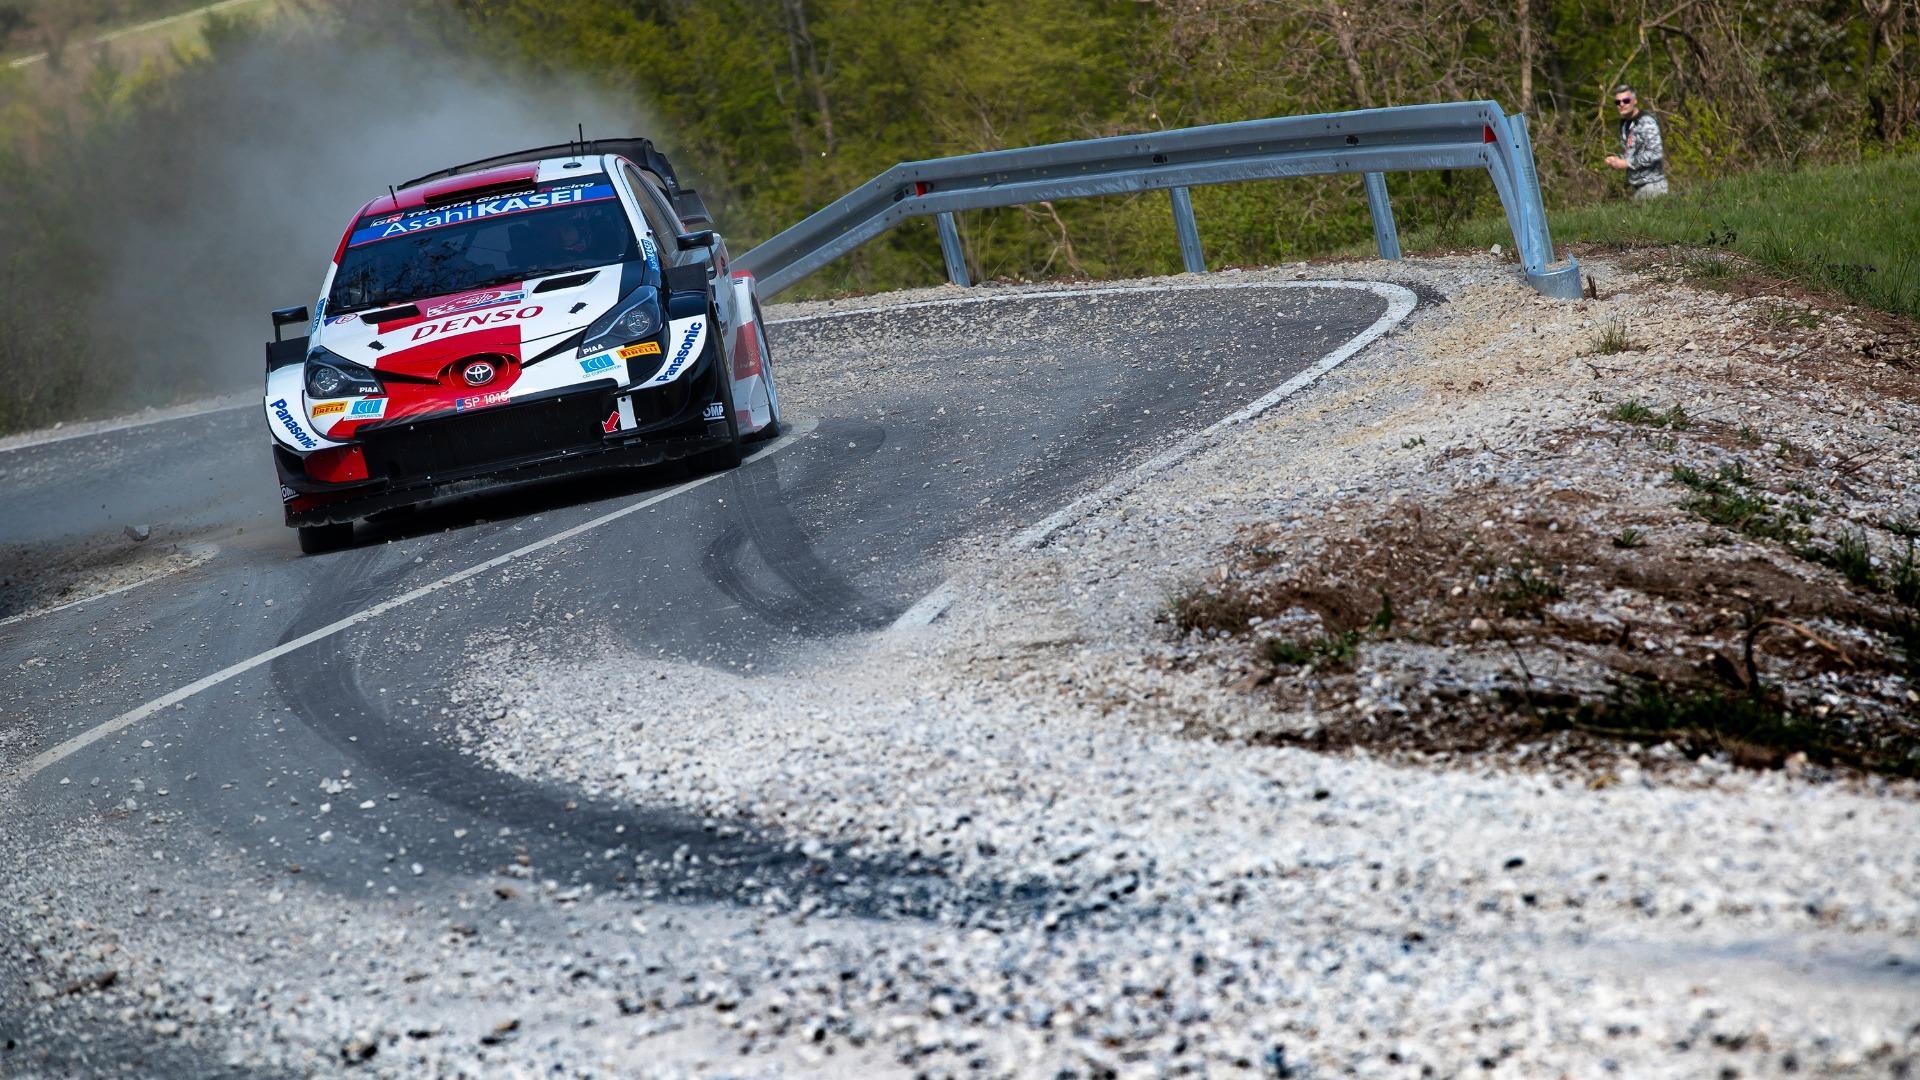 RallyRACC Catalunya - Rally de España 2021: Magazine